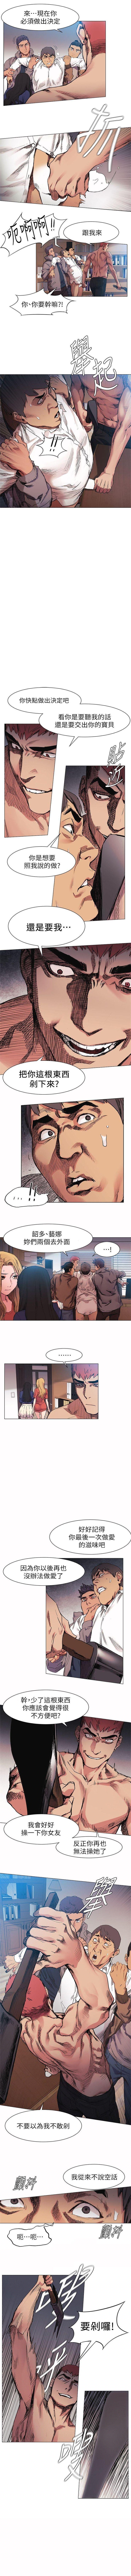 衝突 1-100官方中文(連載中) 149